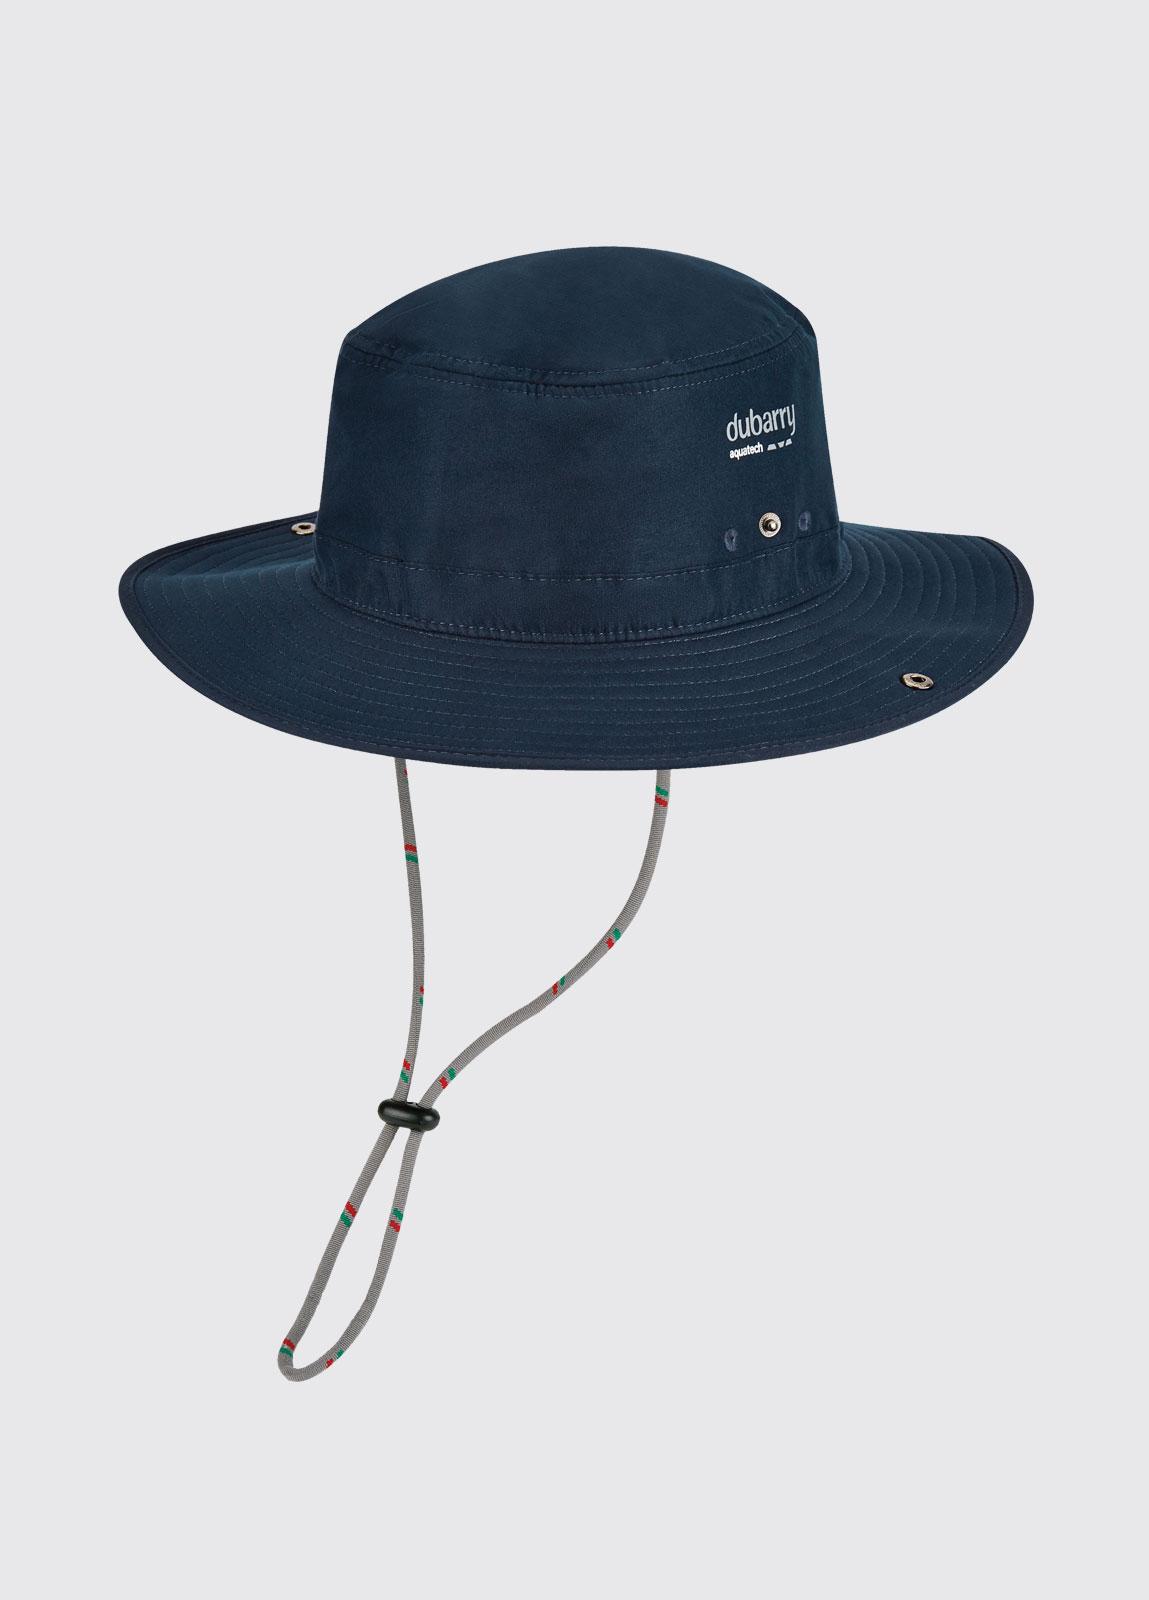 Genoa Brimmed Sun Hat - Navy